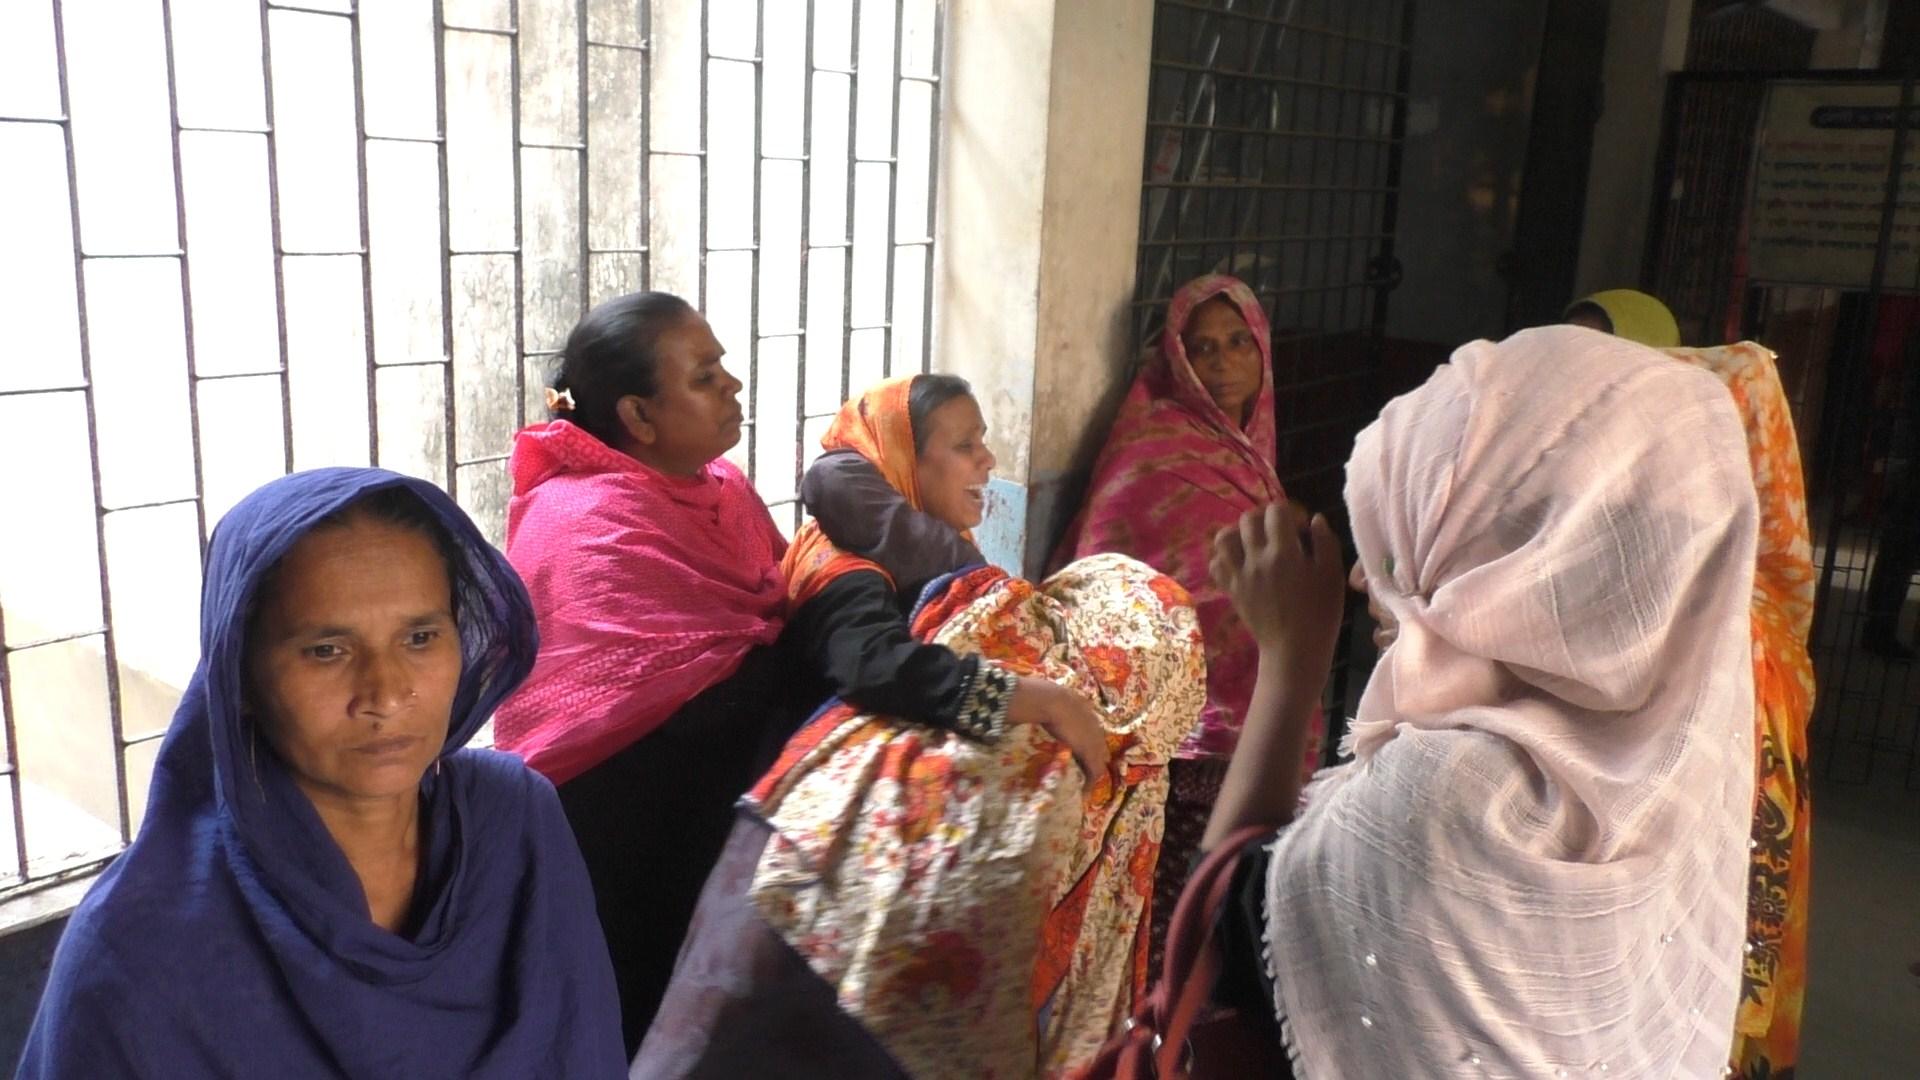 ঝিনাইদহে ছাগলে ক্ষেত খাওয়াকে কেন্দ্র করে প্রতিপক্ষের হামলায় কৃষক নিহত